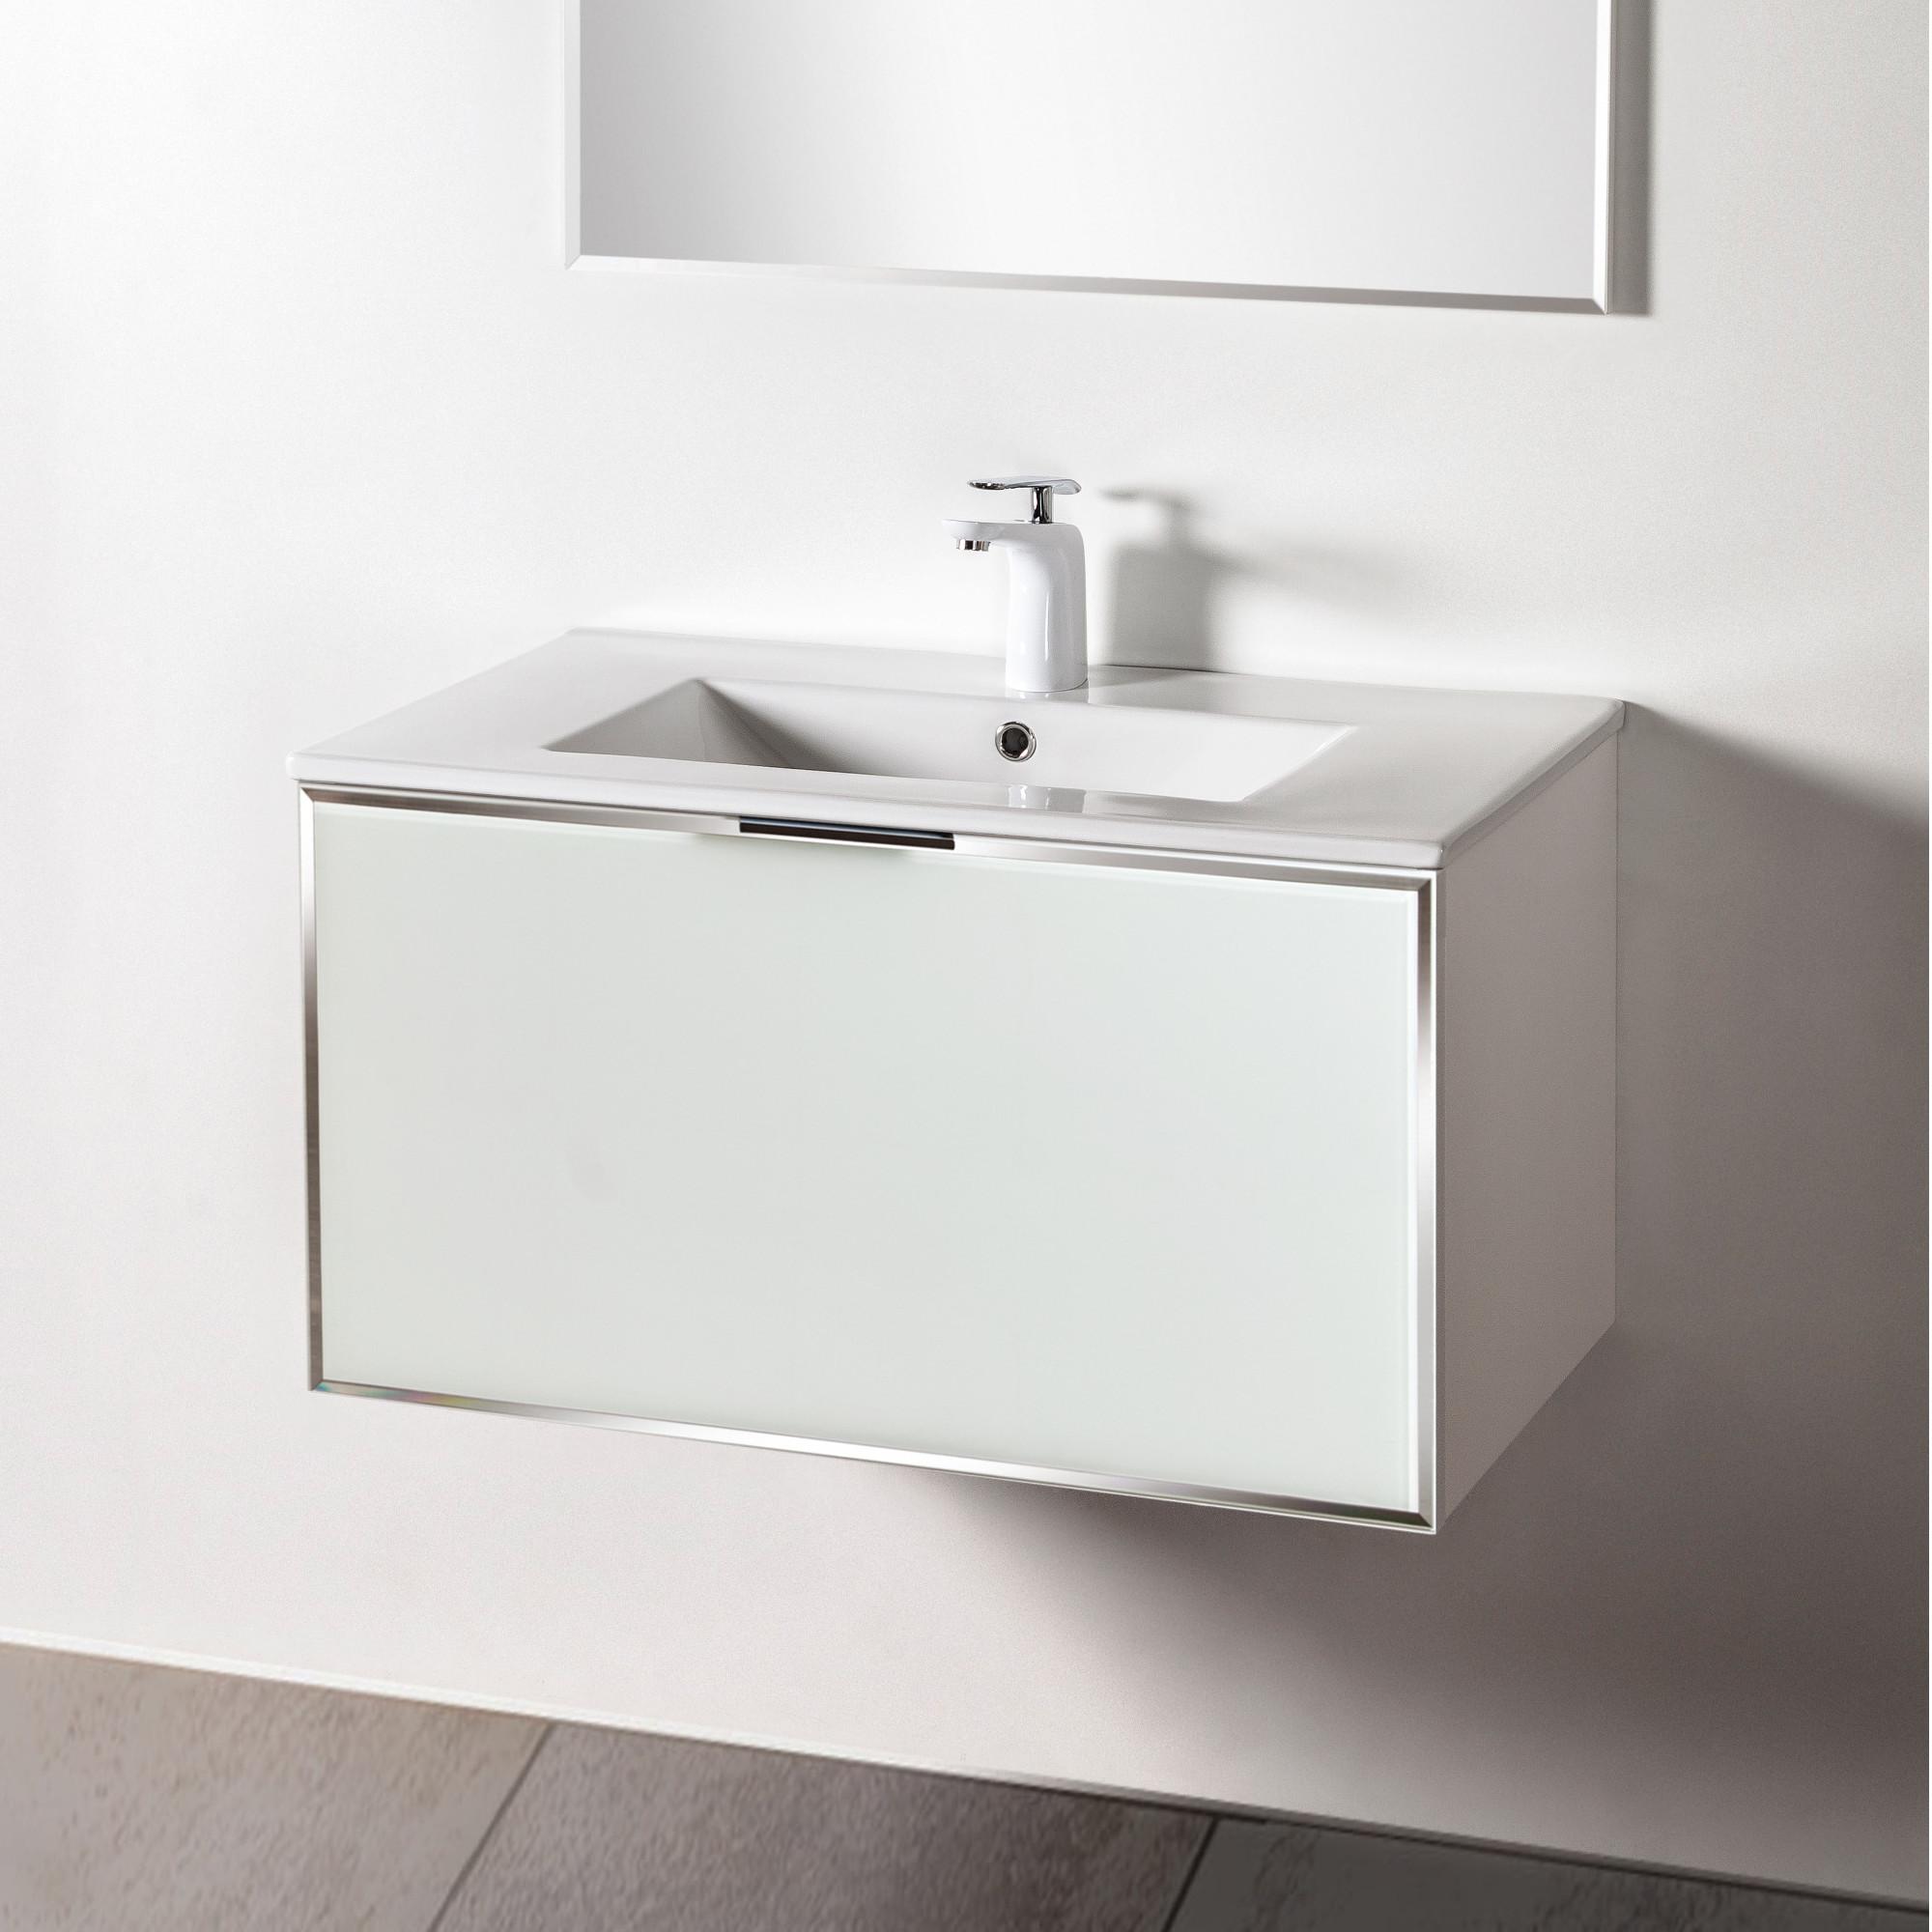 Szafka łazienkowa Sanitti Delta kolor frontu biały 80 cm z umywalką UMW-80